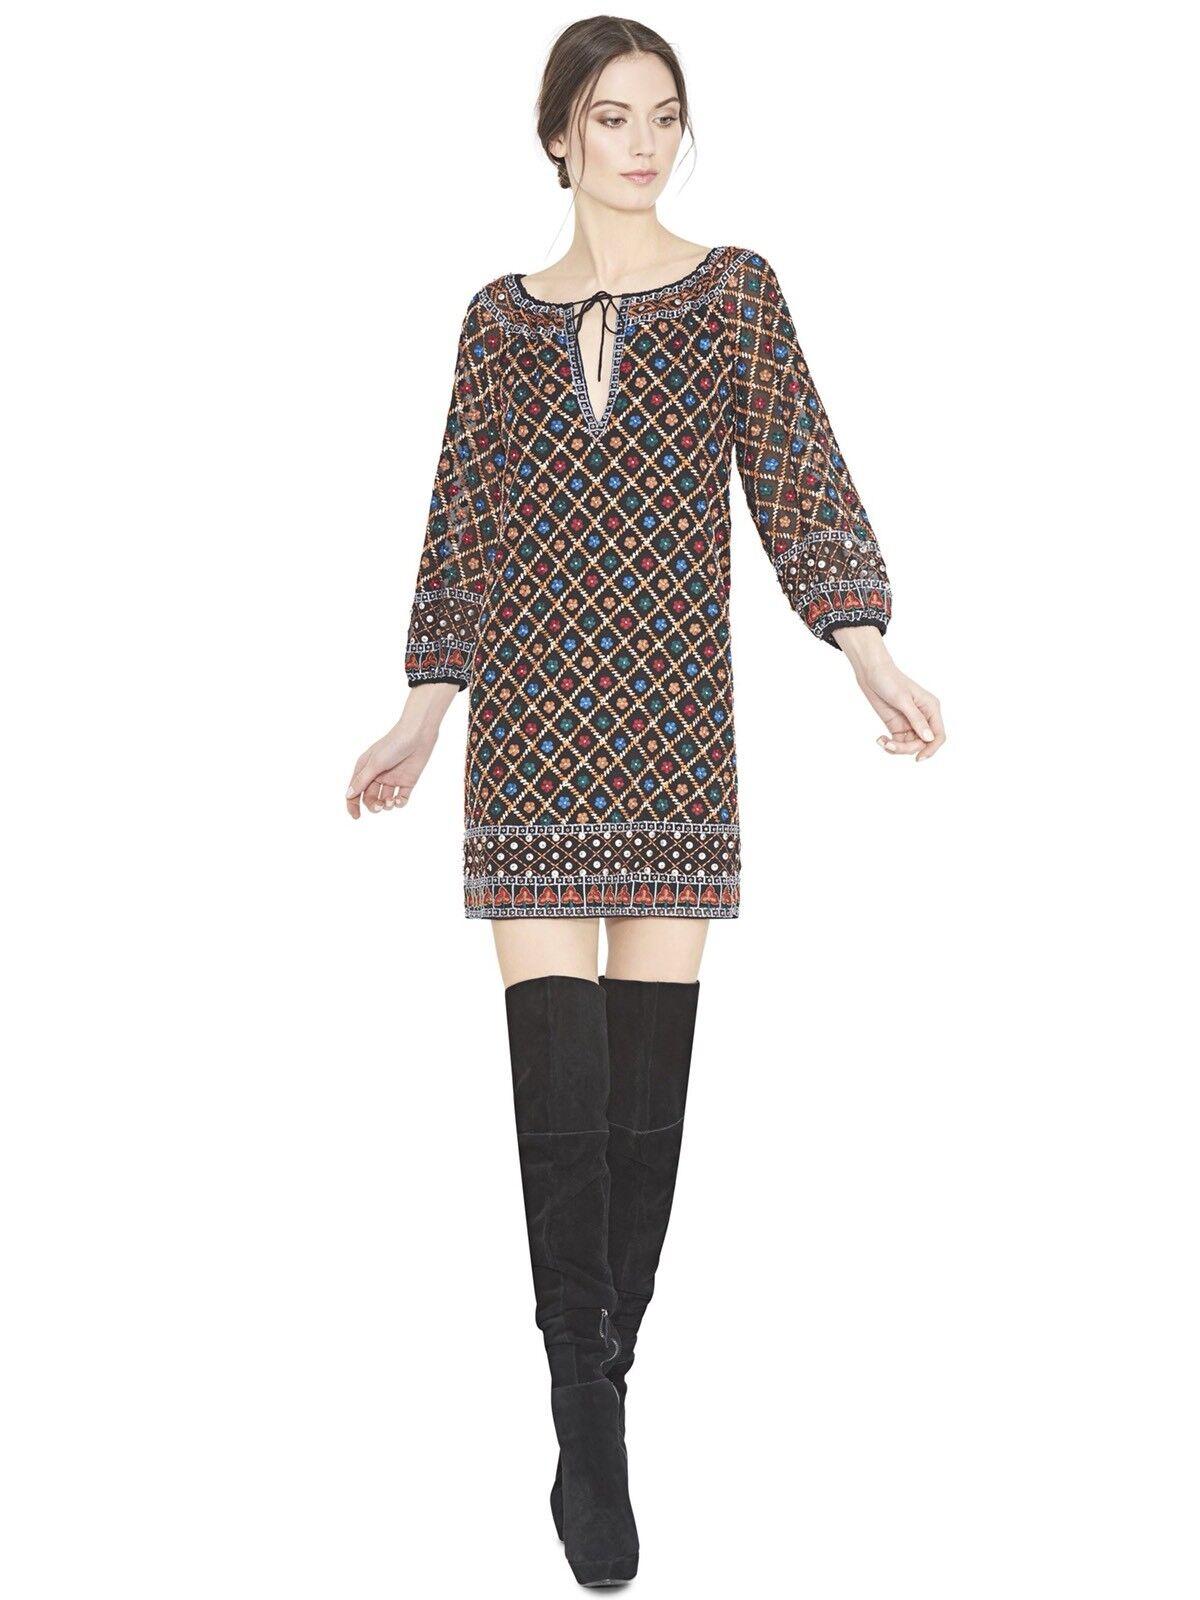 Alice + Olivia Gillian Embroidered Silk Dress Size M NWOT NWOT NWOT f554da